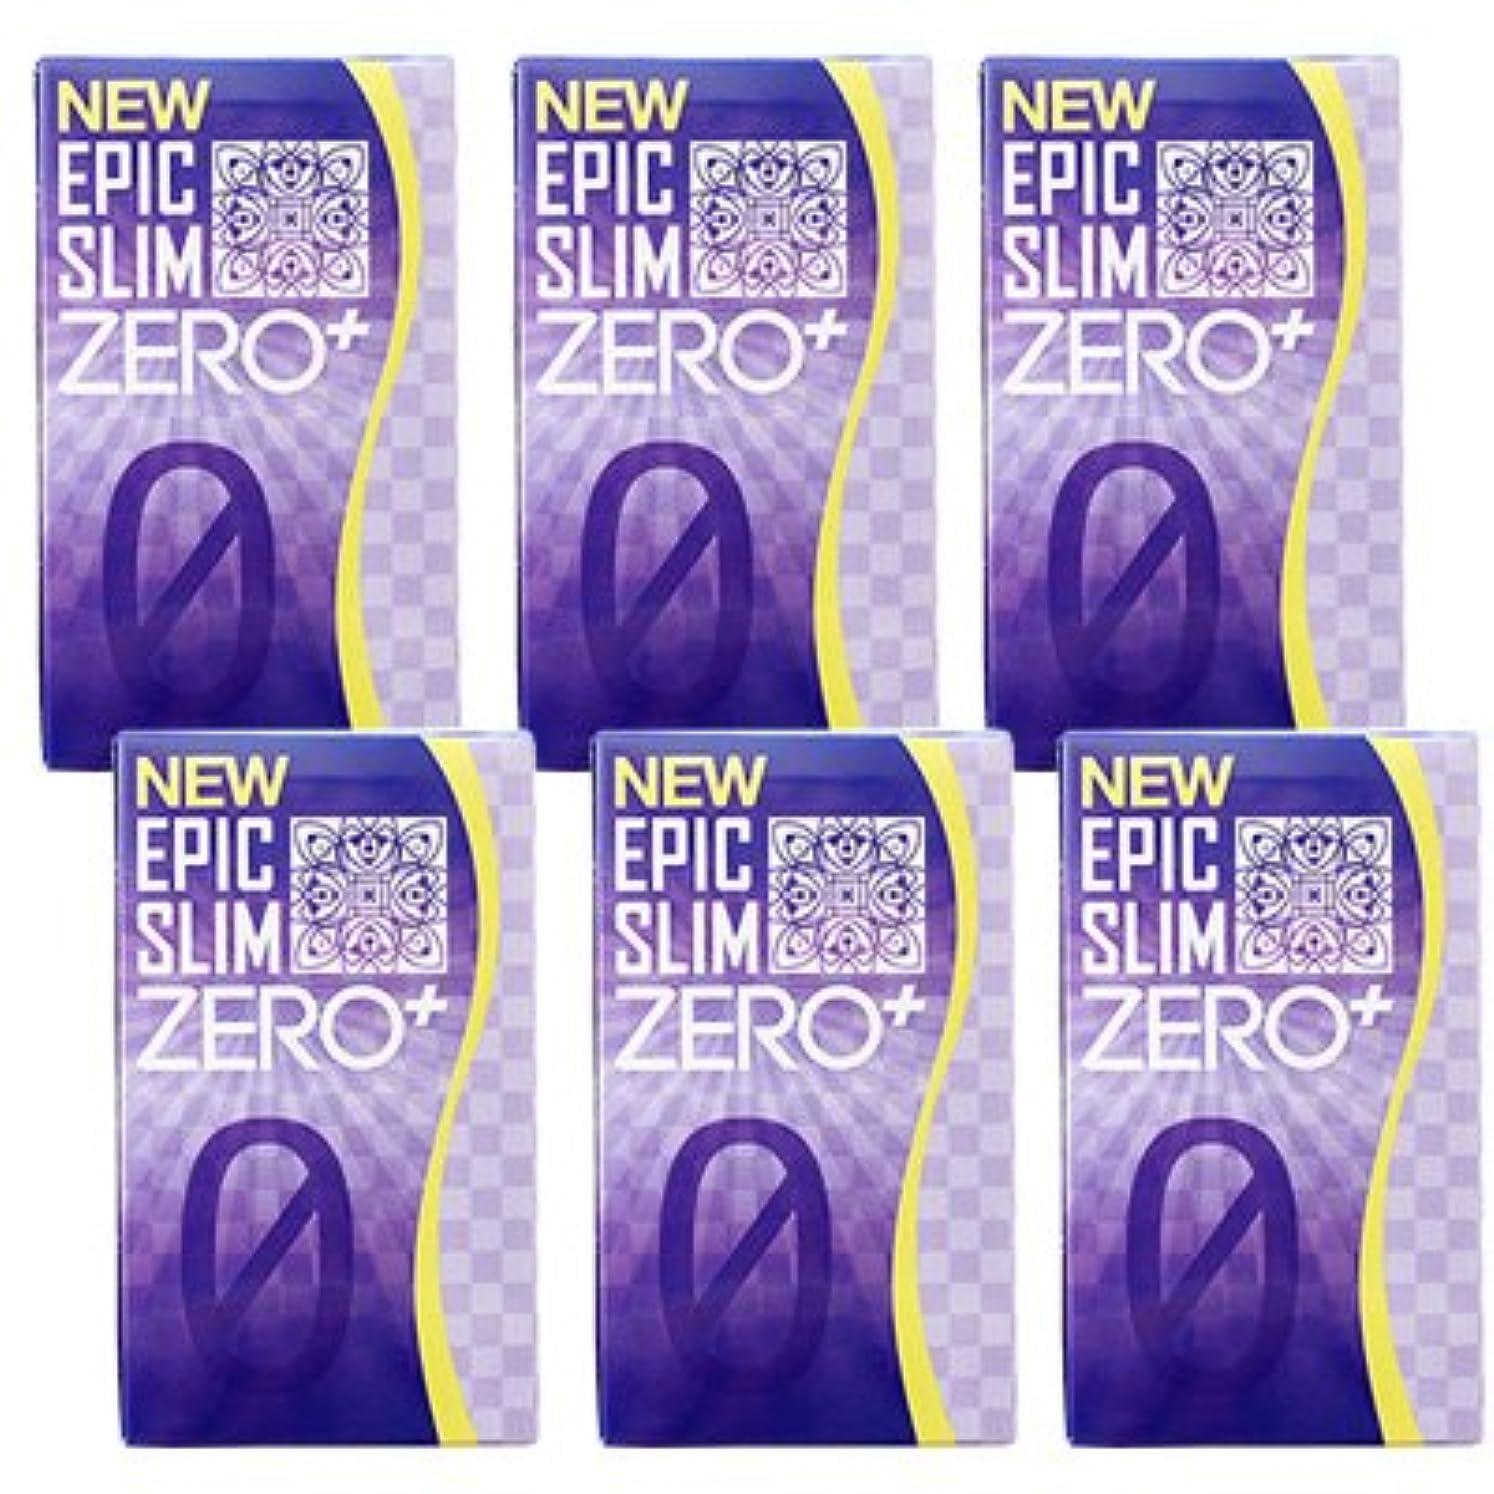 突き刺す小道理容室NEW エピックスリム ゼロ+ 6個セット NEW Epic Slim ZERO PLUS